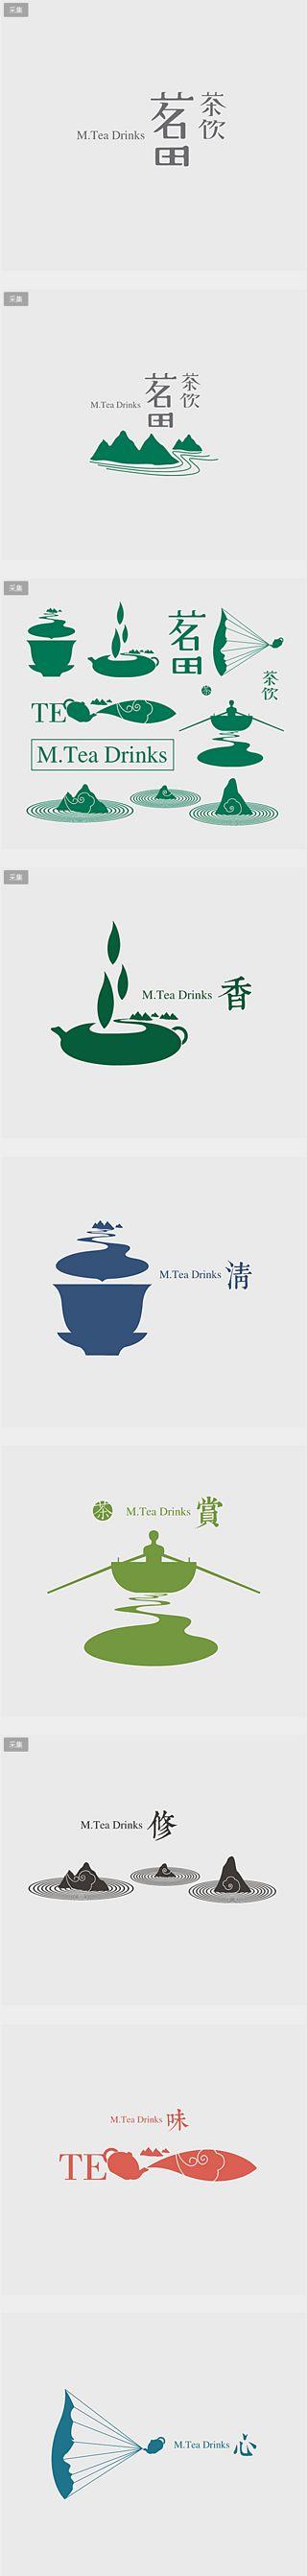 zhongtao采集到茶叶包装